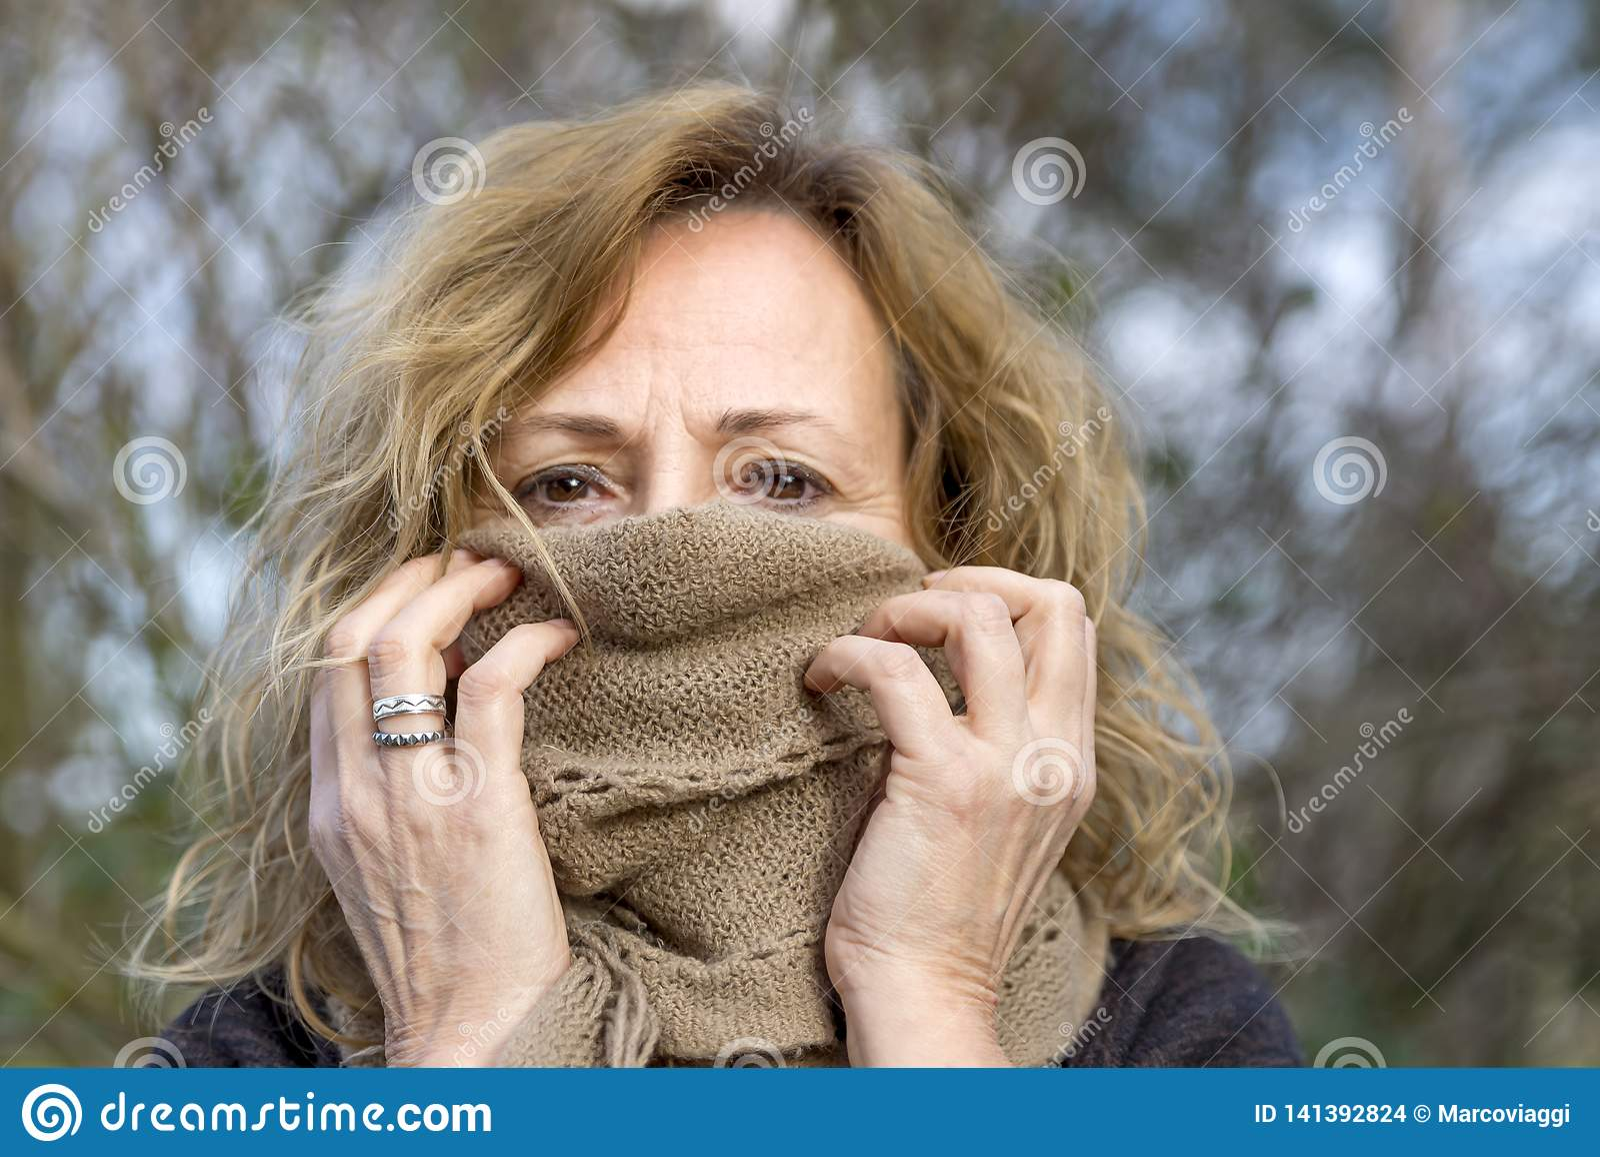 Behandelt de blonde witte vrouw haar gezicht met een beige wolsjaal verlatend slechts de ogen aan het licht gebracht